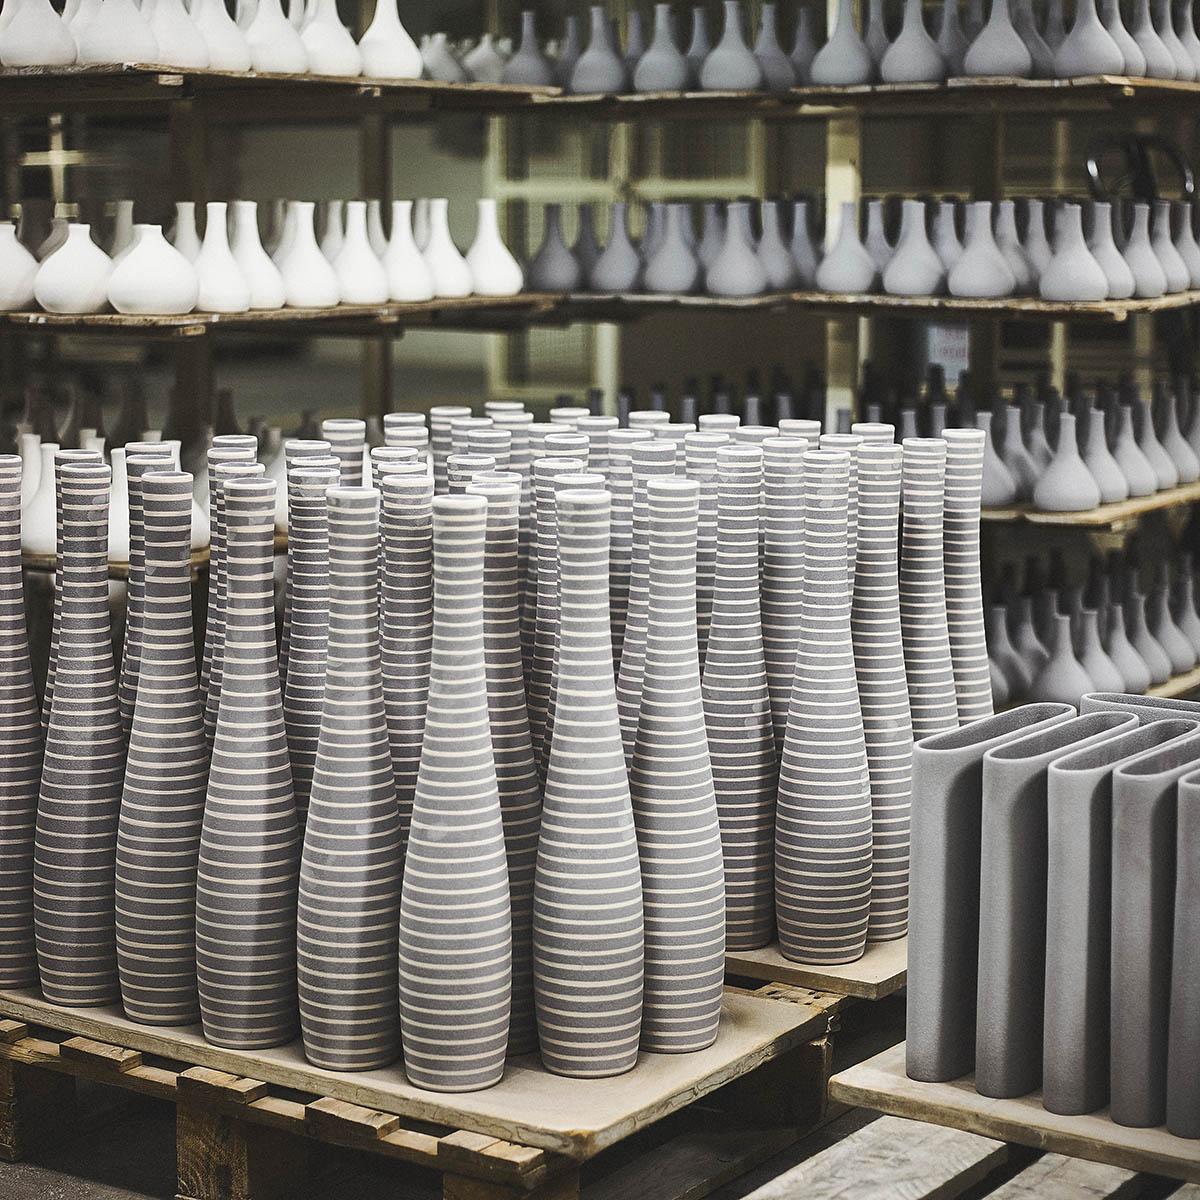 Keramikvasen trocknet in der Wrkstatt Editorial Keramik-Produktion für ASA Selection